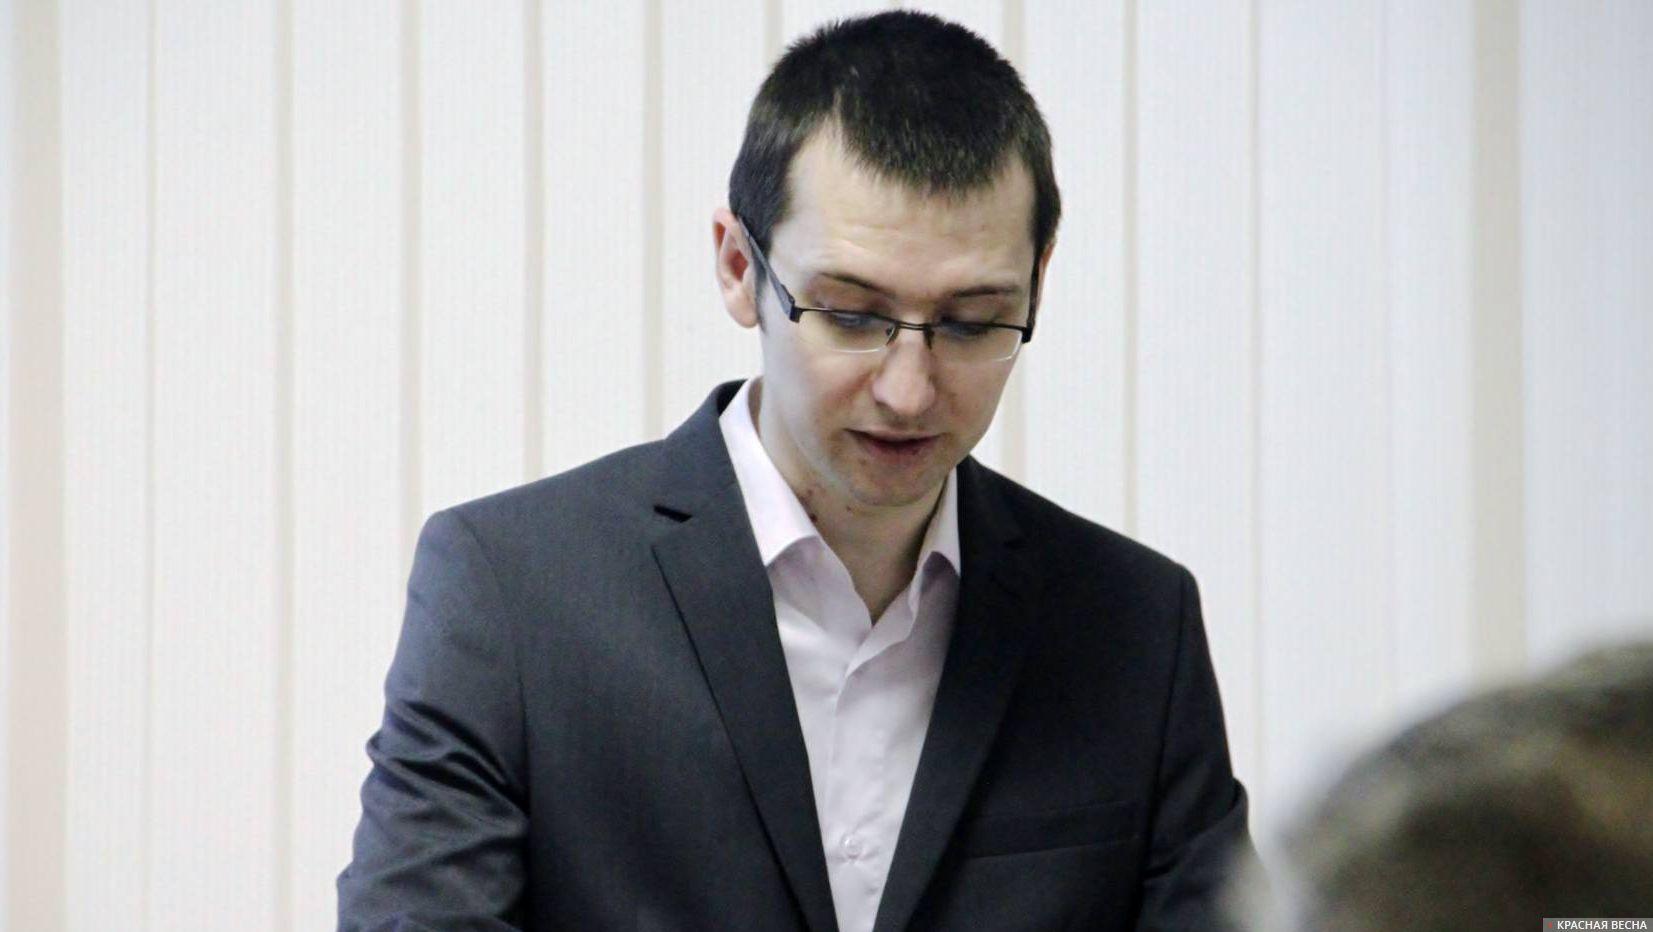 Круглый стол в Краснодаре о проблемах пенсионной реформы